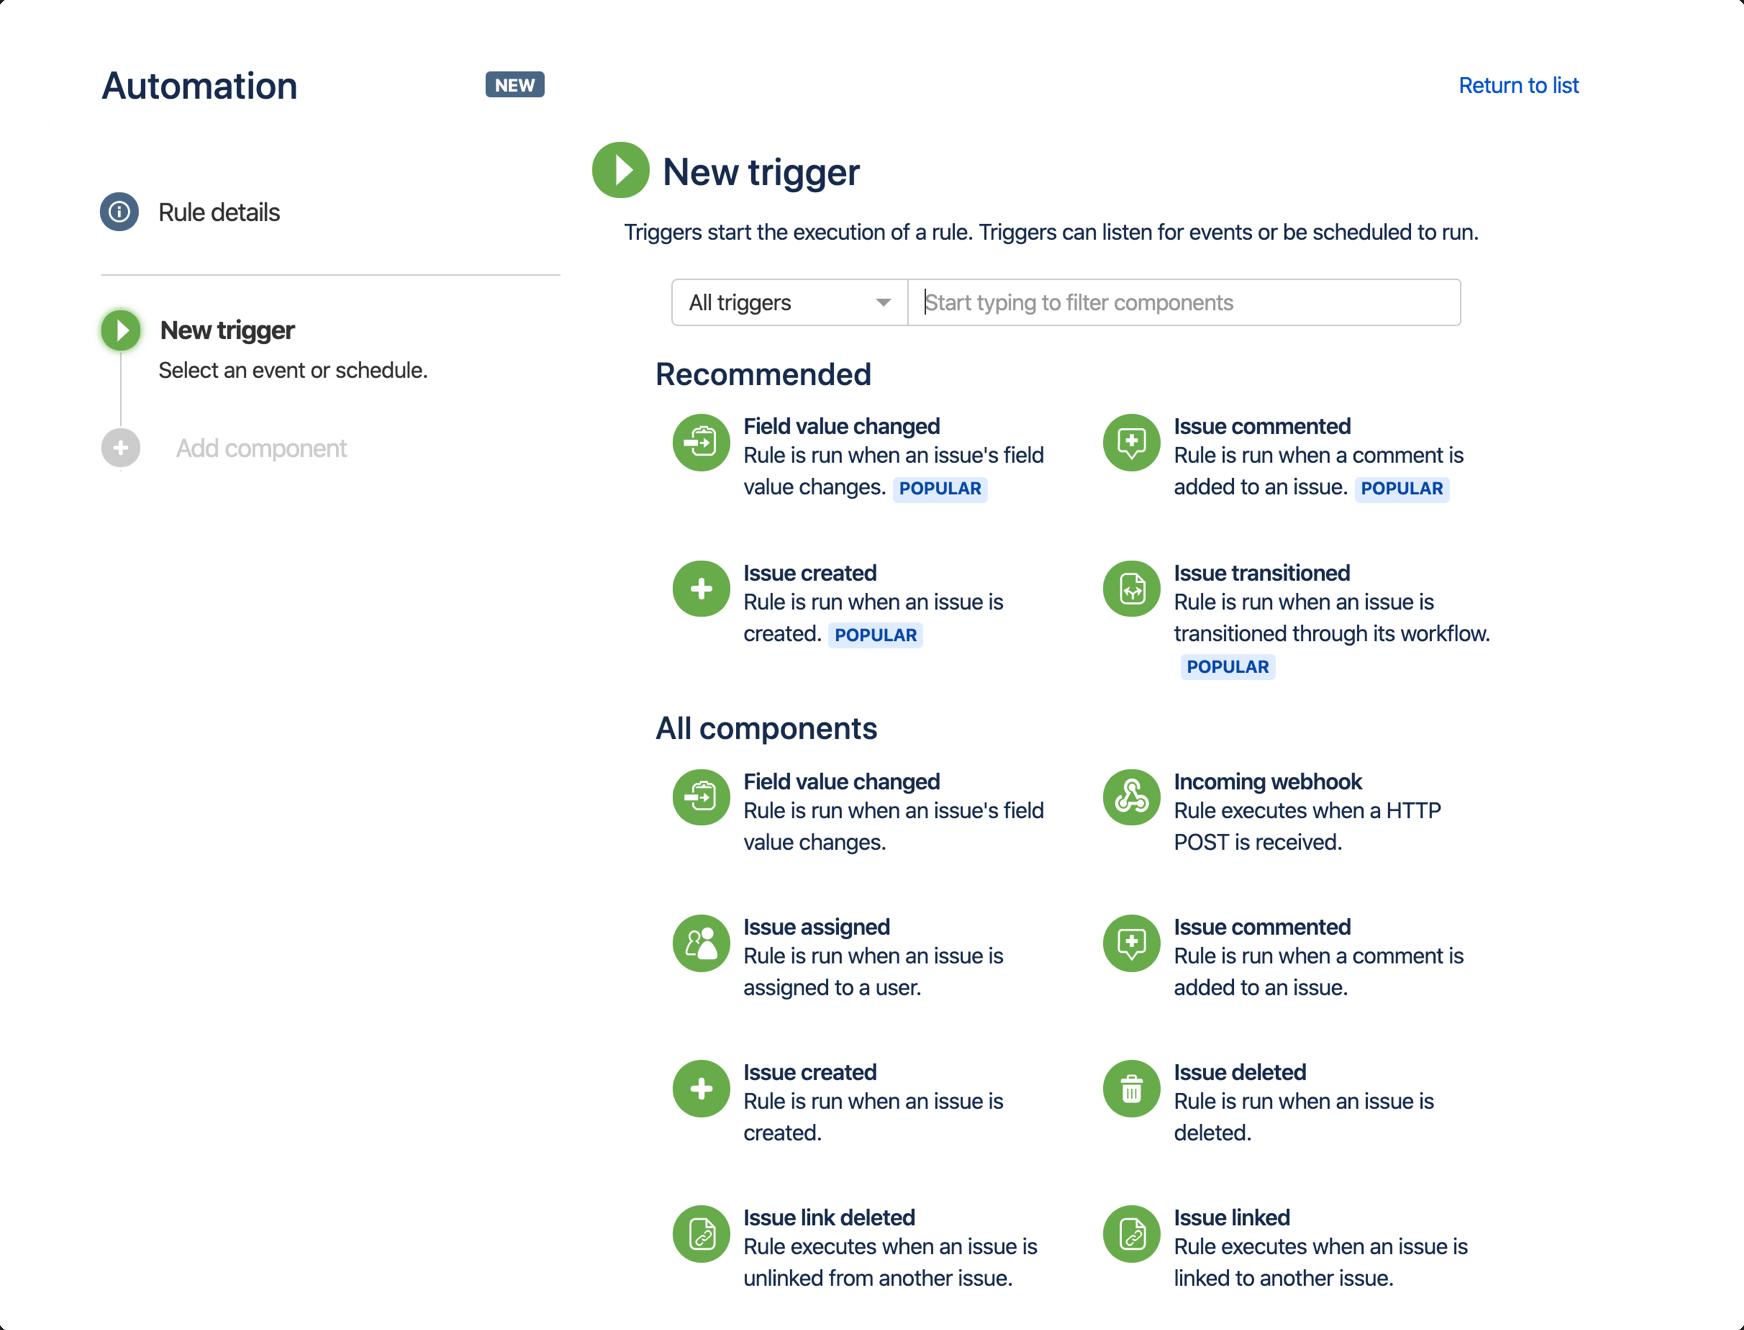 Zrzut ekranu zasad automatyzacji pojedynczego projektu